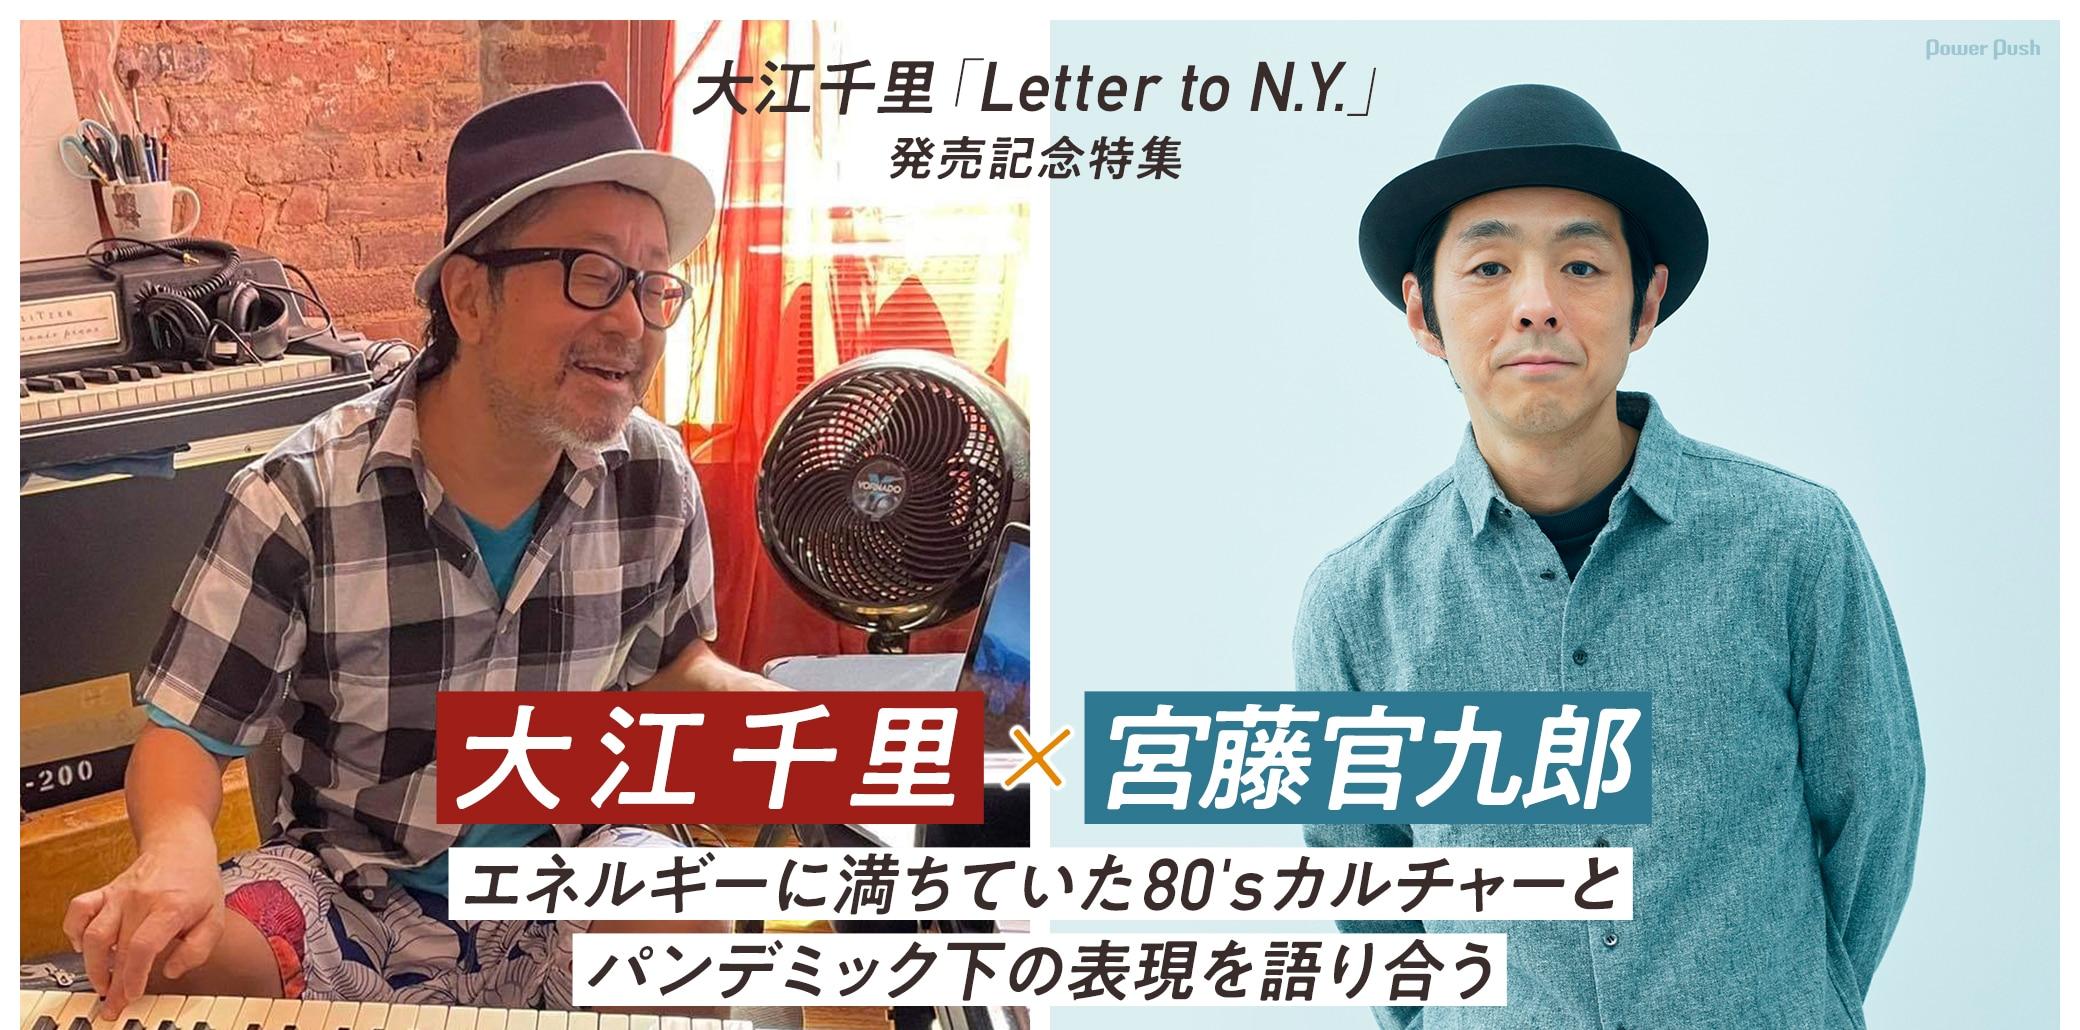 大江千里「Letter to N.Y.」発売記念特集 大江千里×宮藤官九郎|エネルギーに満ちていた80'sカルチャーとパンデミック下の表現を語り合う